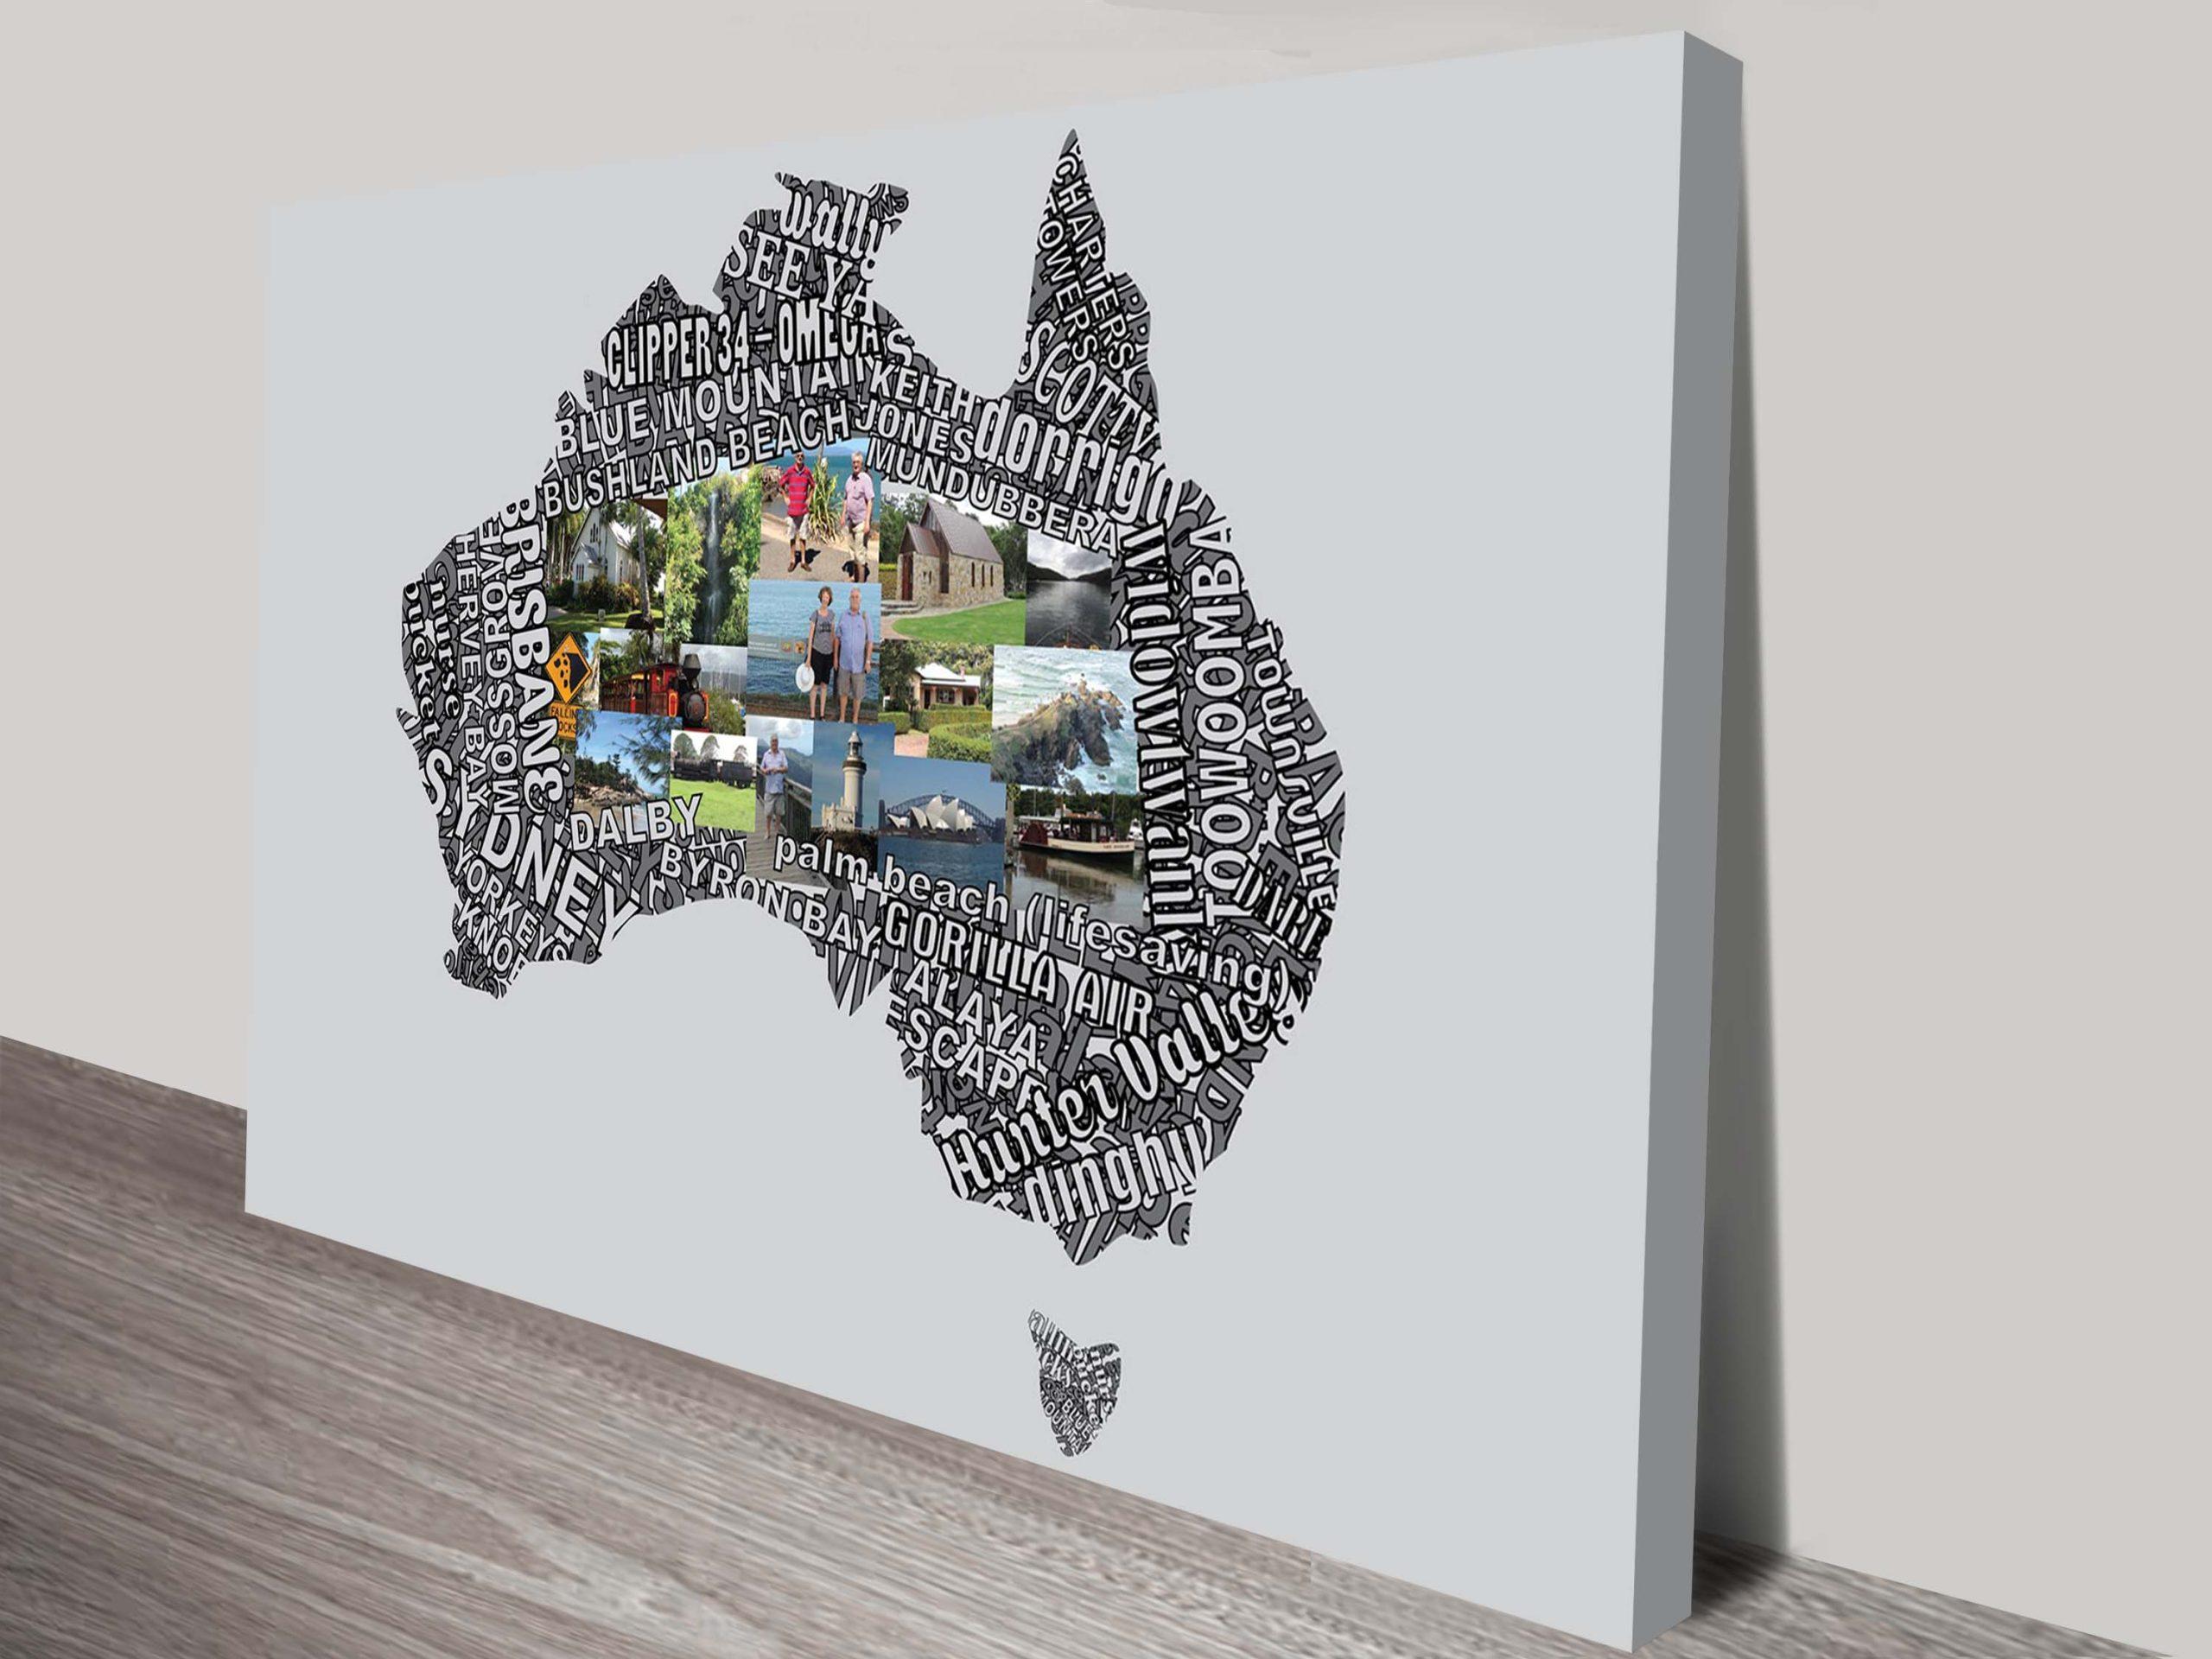 Custom Typographic Map Art with Photos Australia | Typographic Map Art with Photos